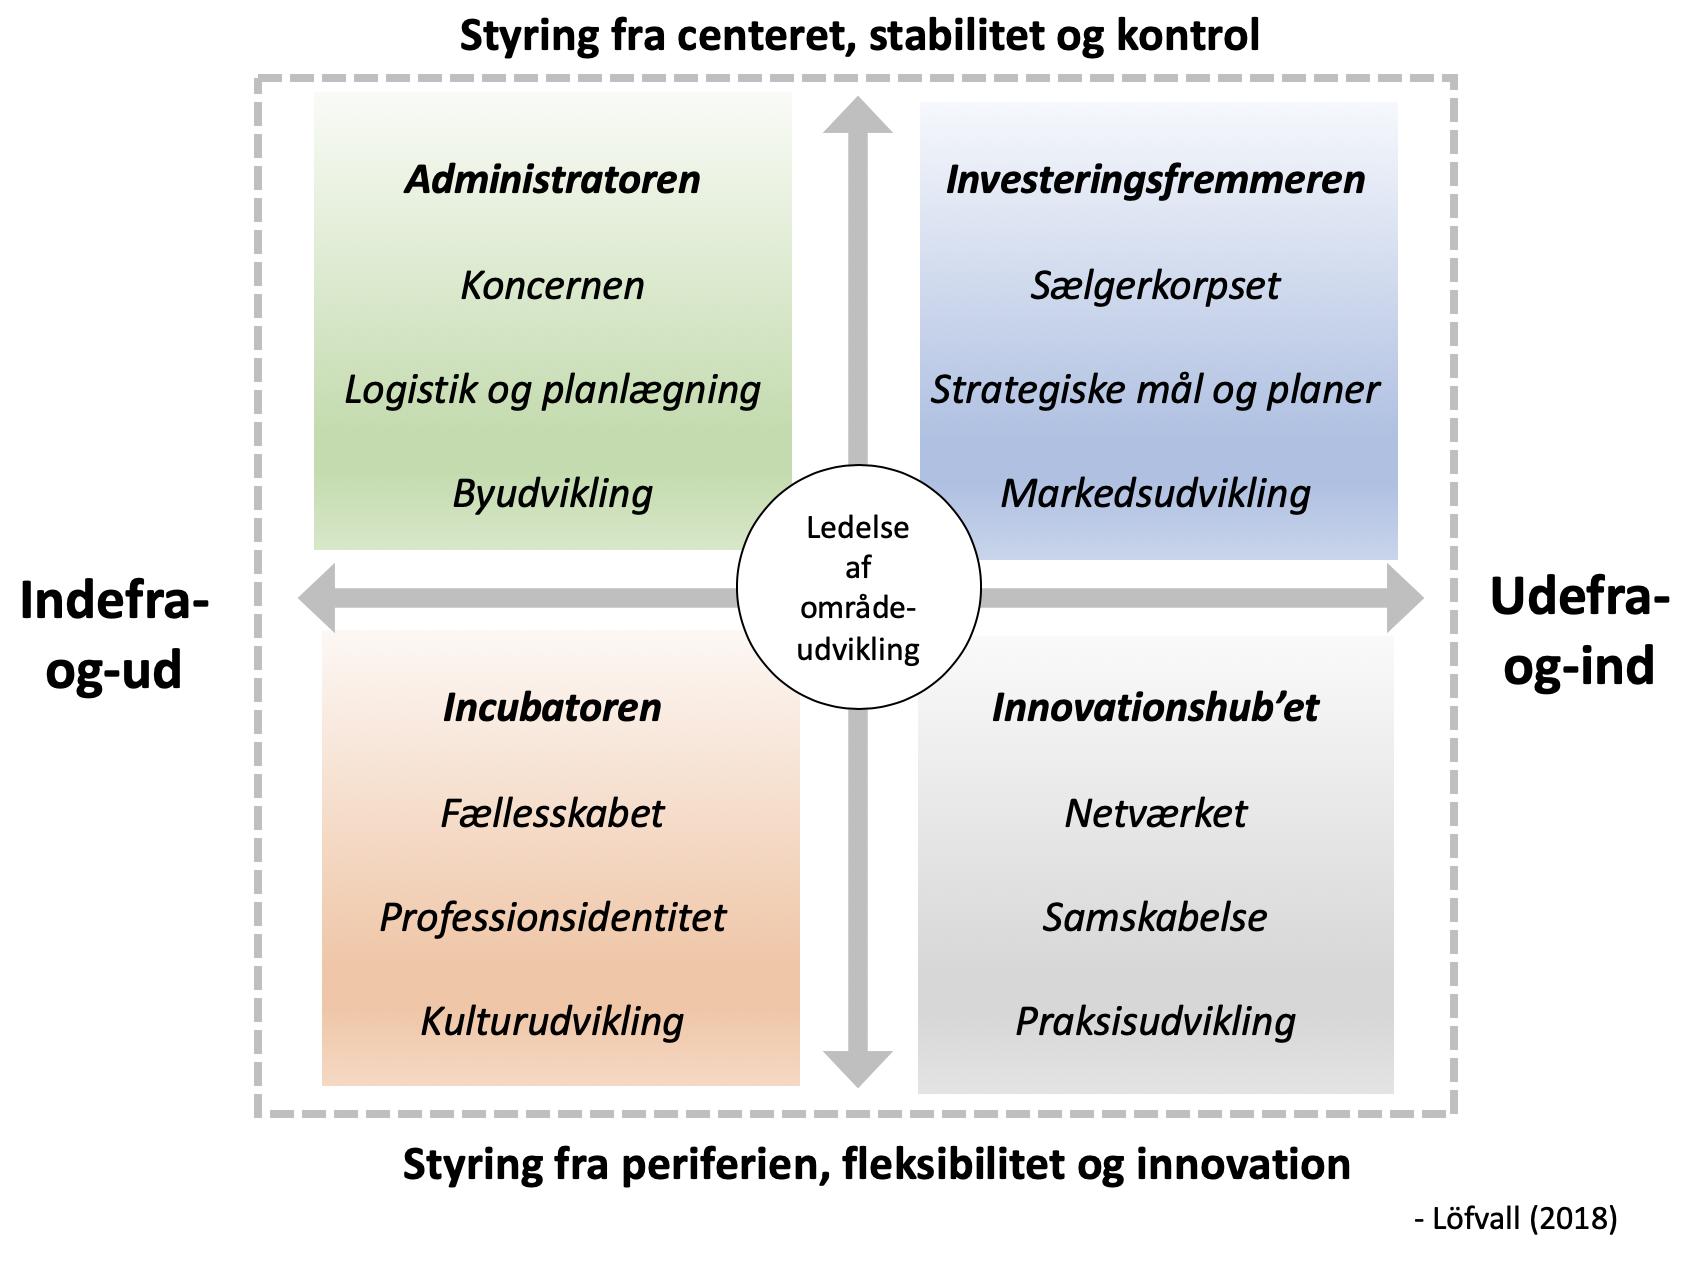 Udviklet af Steffen Löfvall, 2018